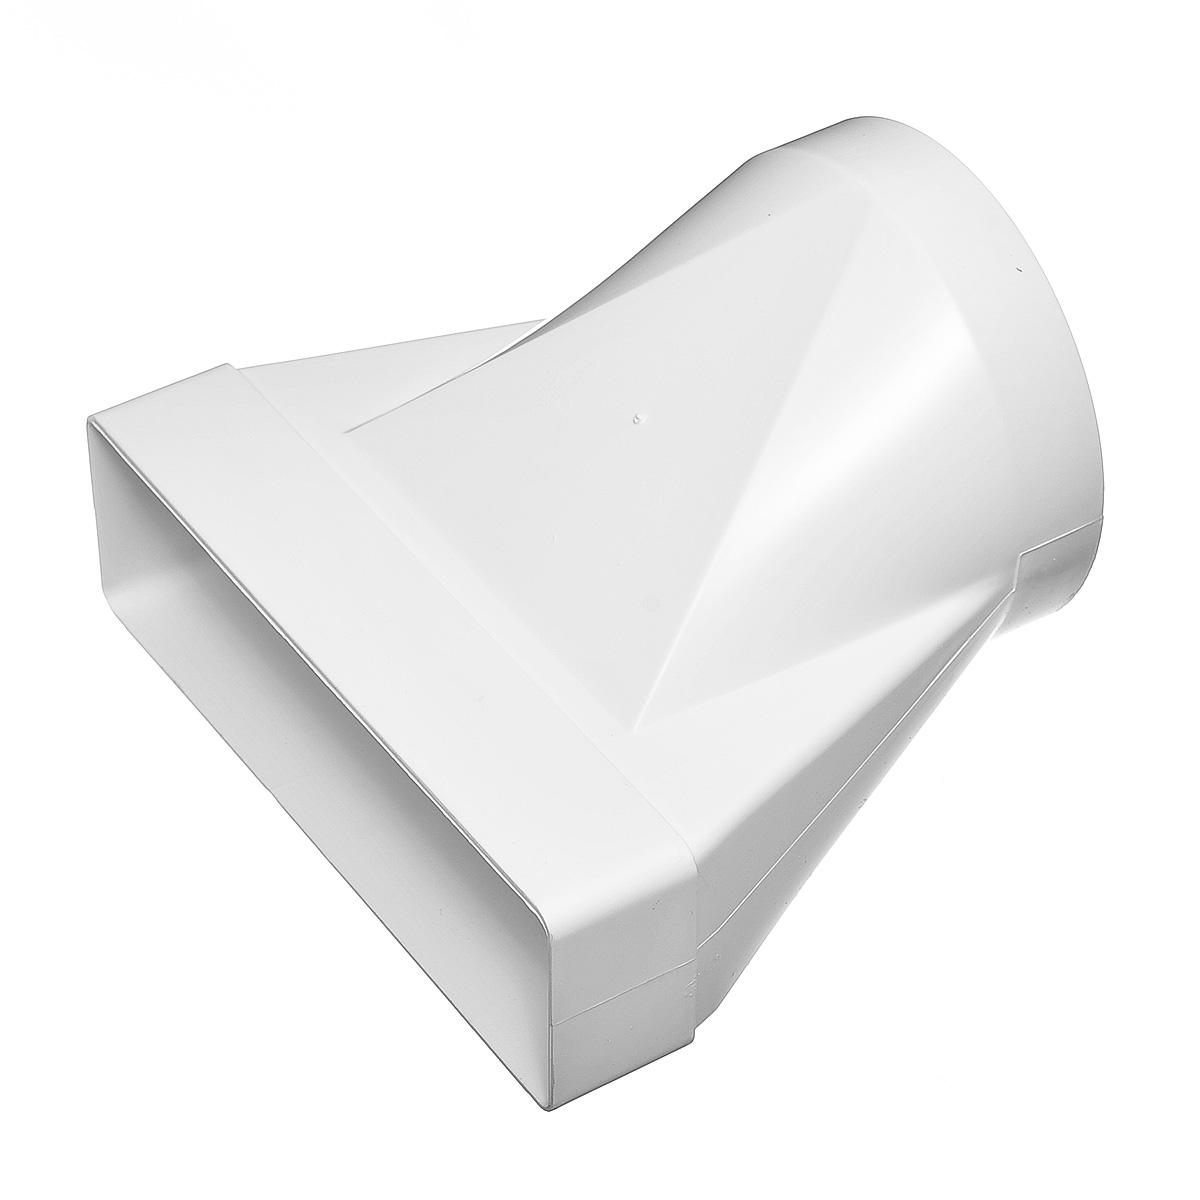 Купить Переход эксцентриковый пластиковый для вентиляционных коробов 60х204 мм с круглыми D125 мм — Фото №1